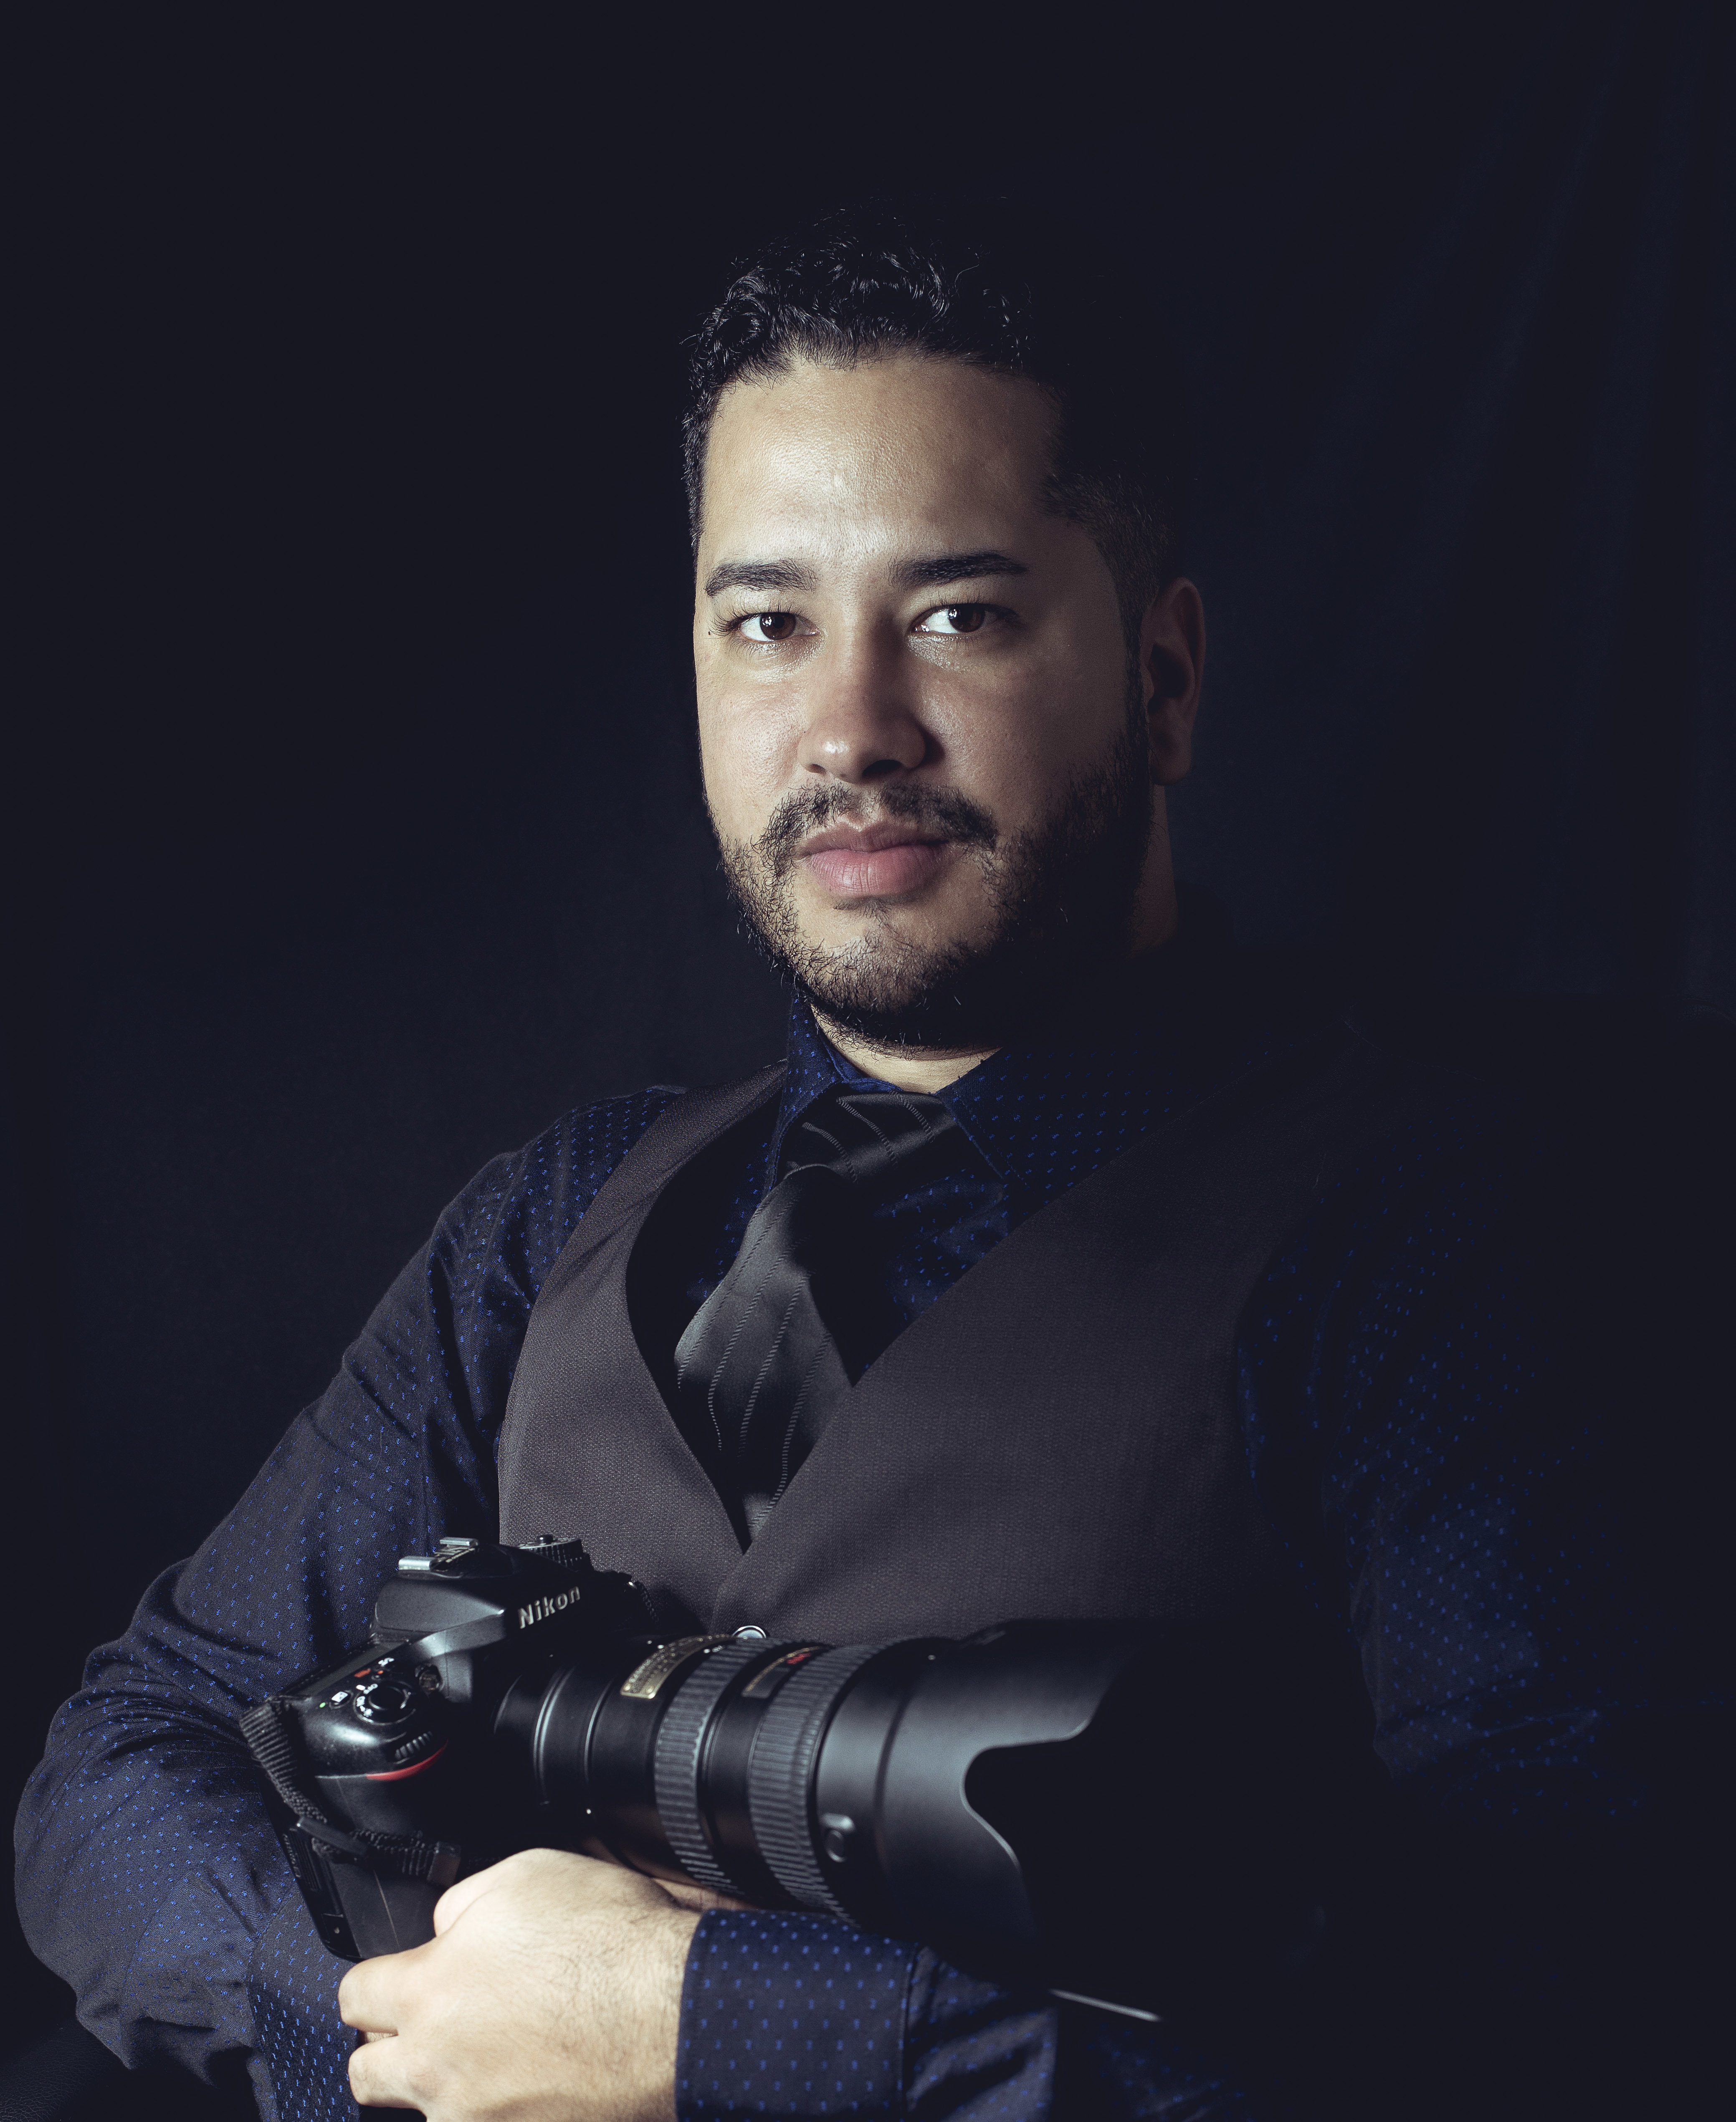 Sobre Fotografo de casamento no mato grosso